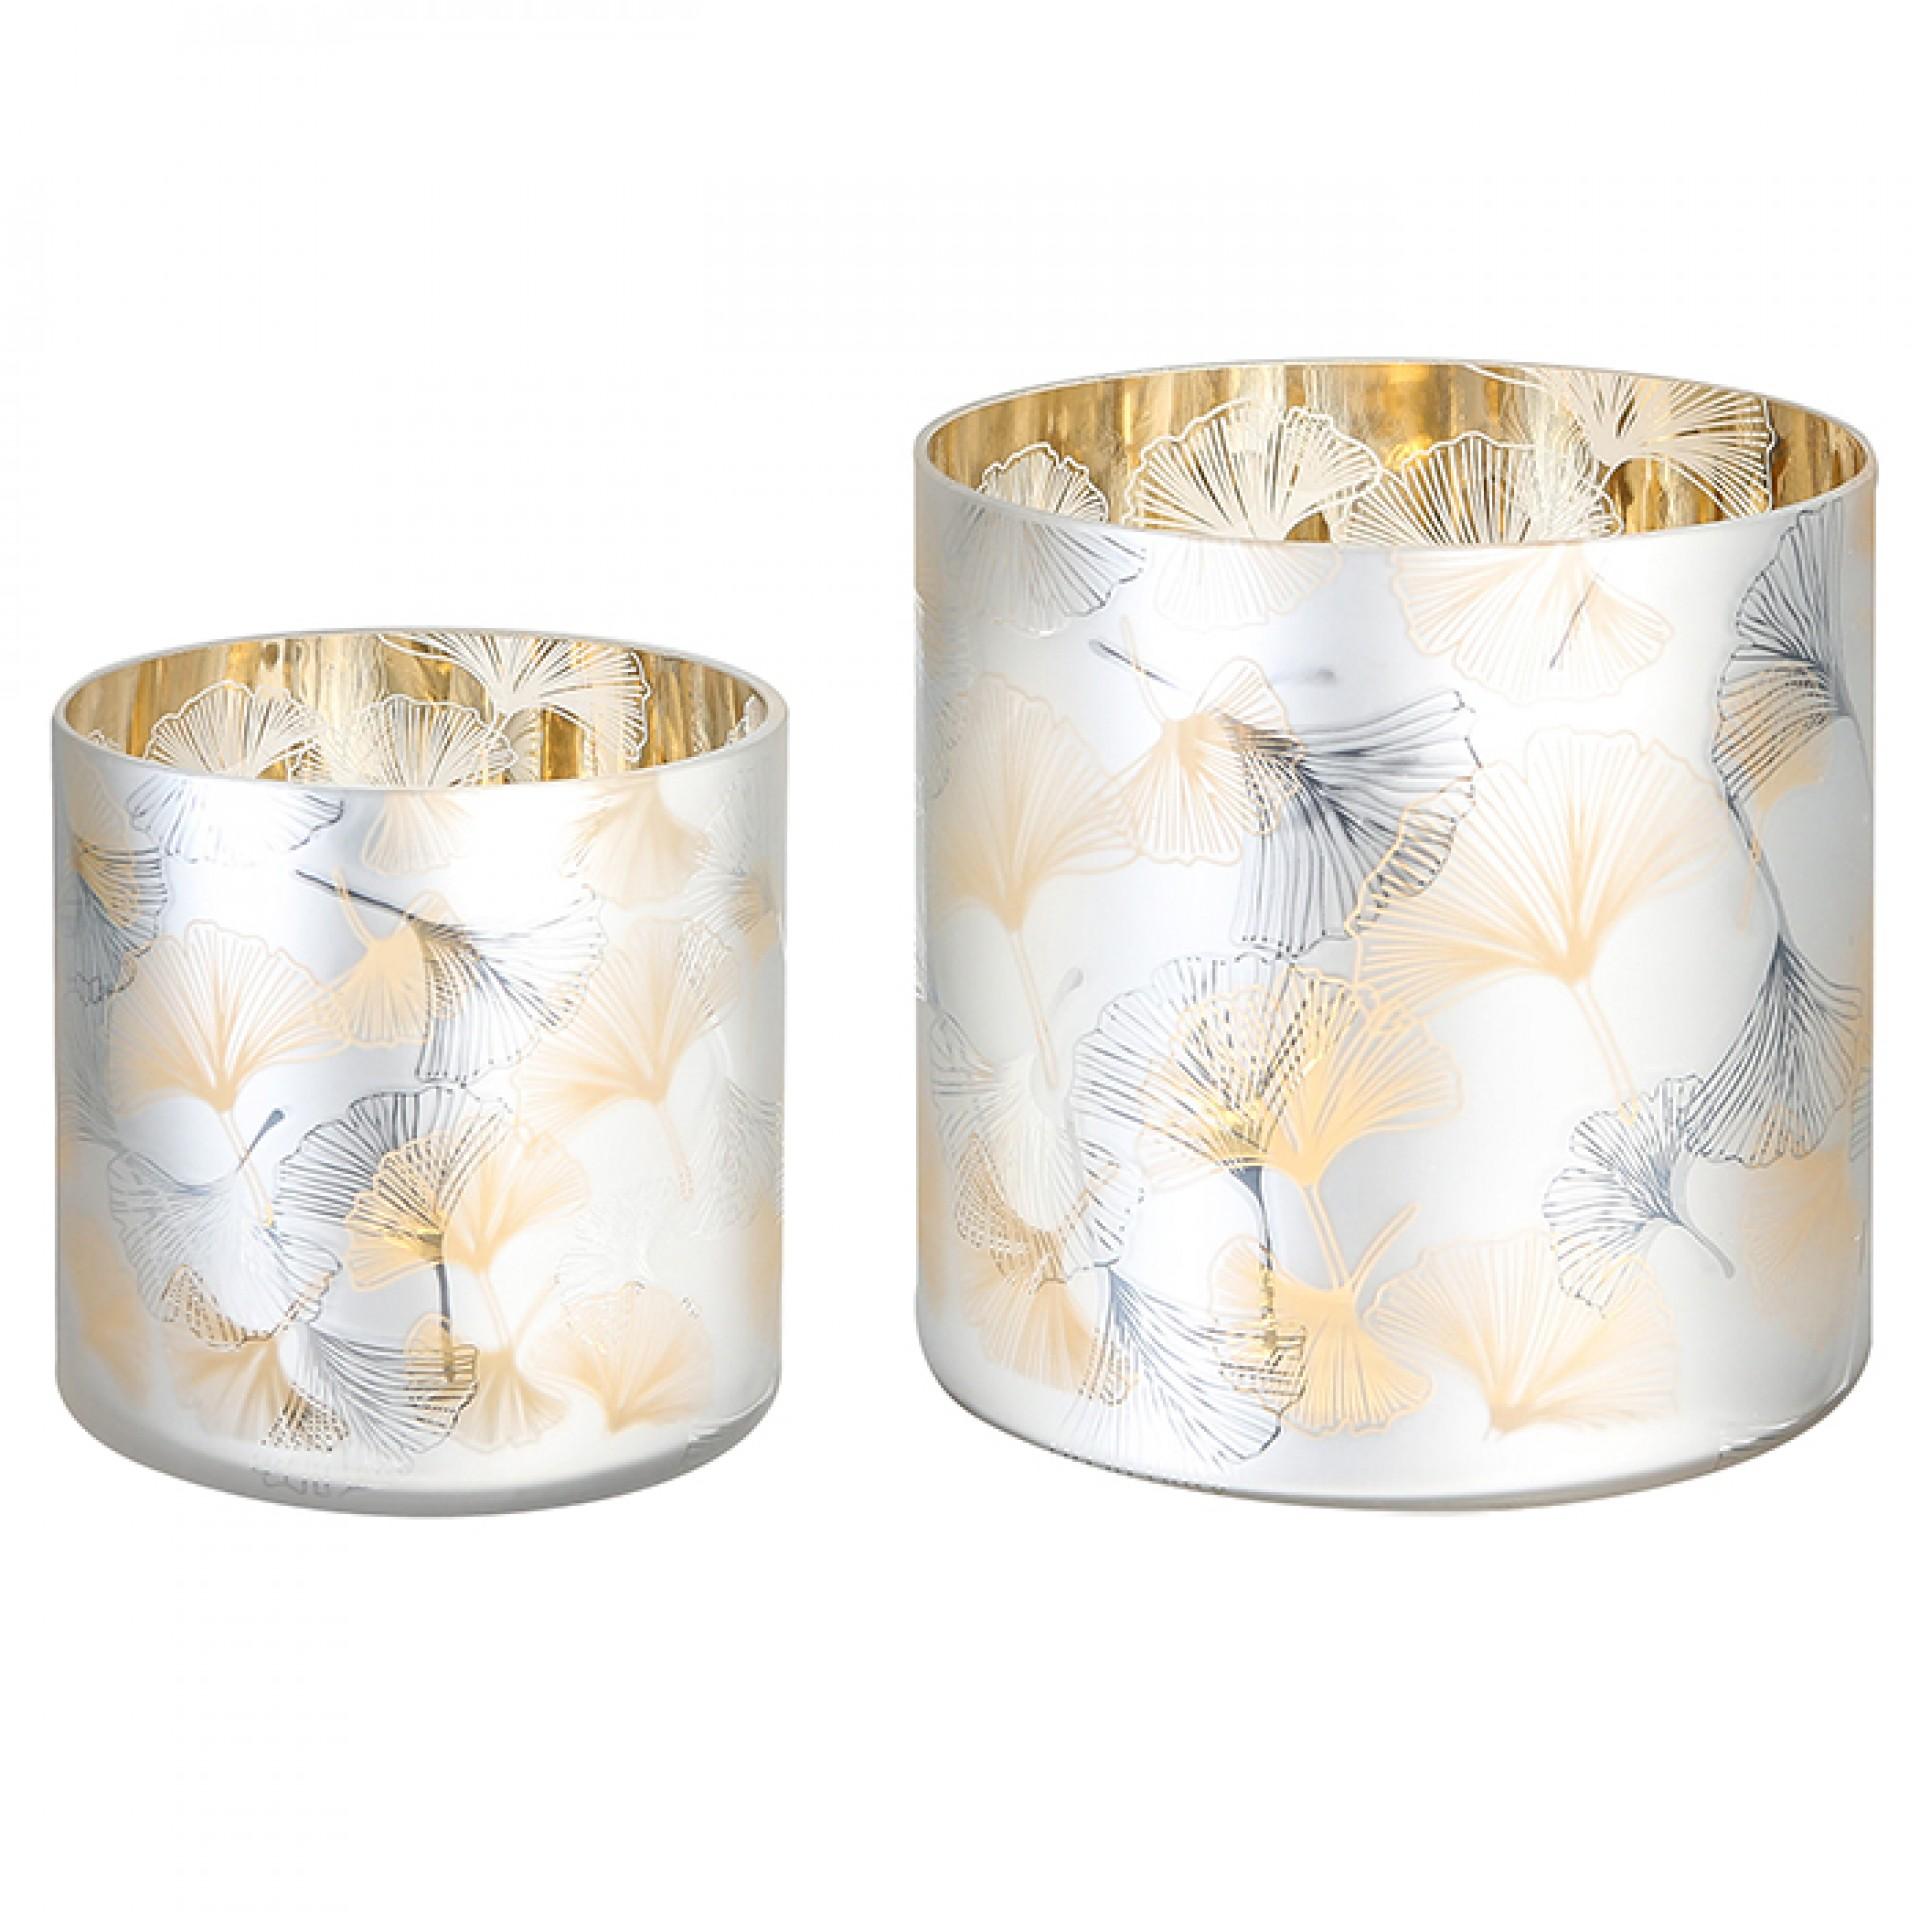 Čajový svícen skleněný Ginkgo, 15 cm